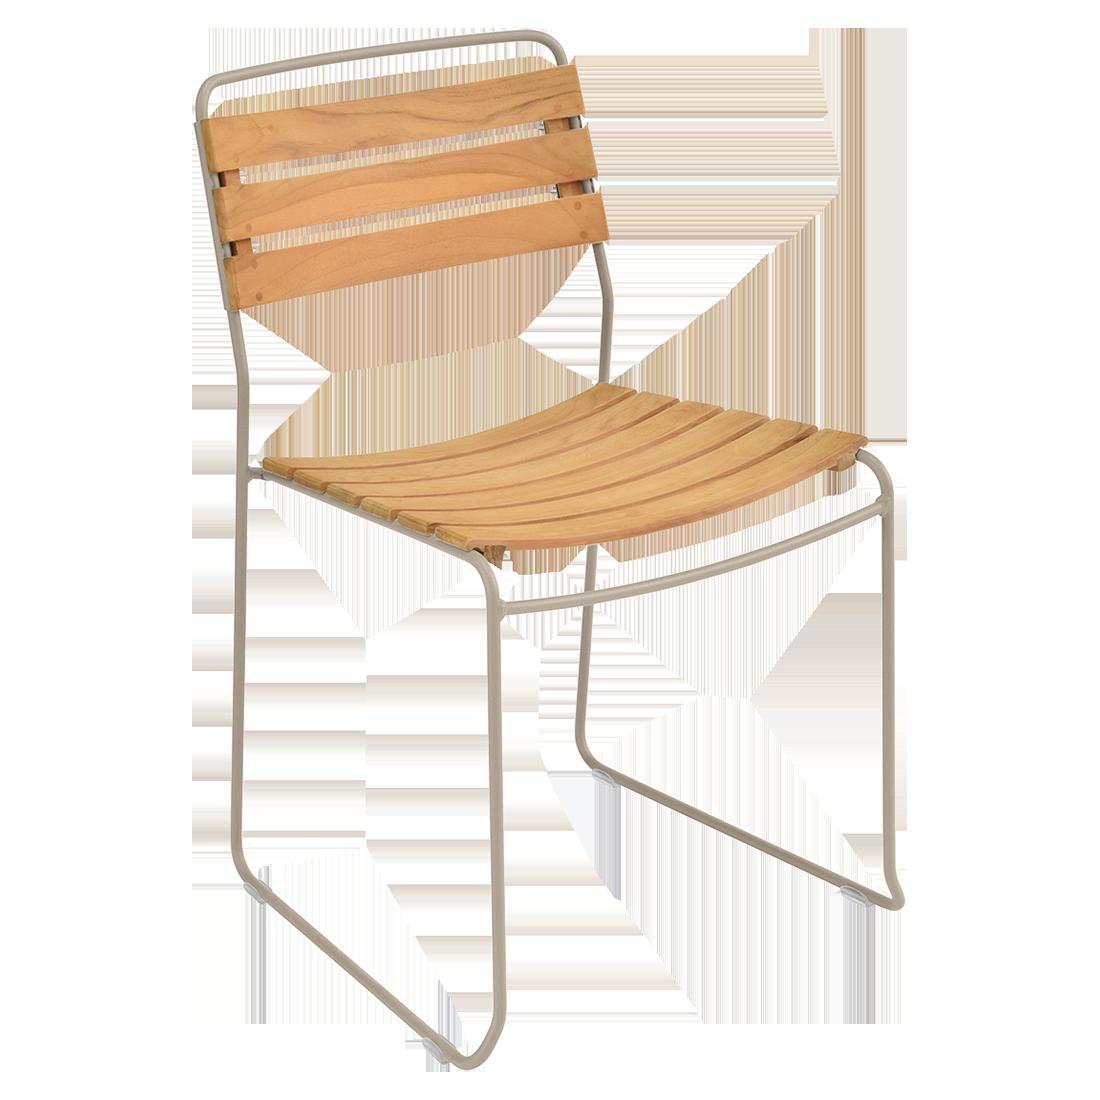 chaise surprising, chaise fermob, chaise bois et metal, chaise de jardin, chaise design, chaise bois et beige, guggenbichler